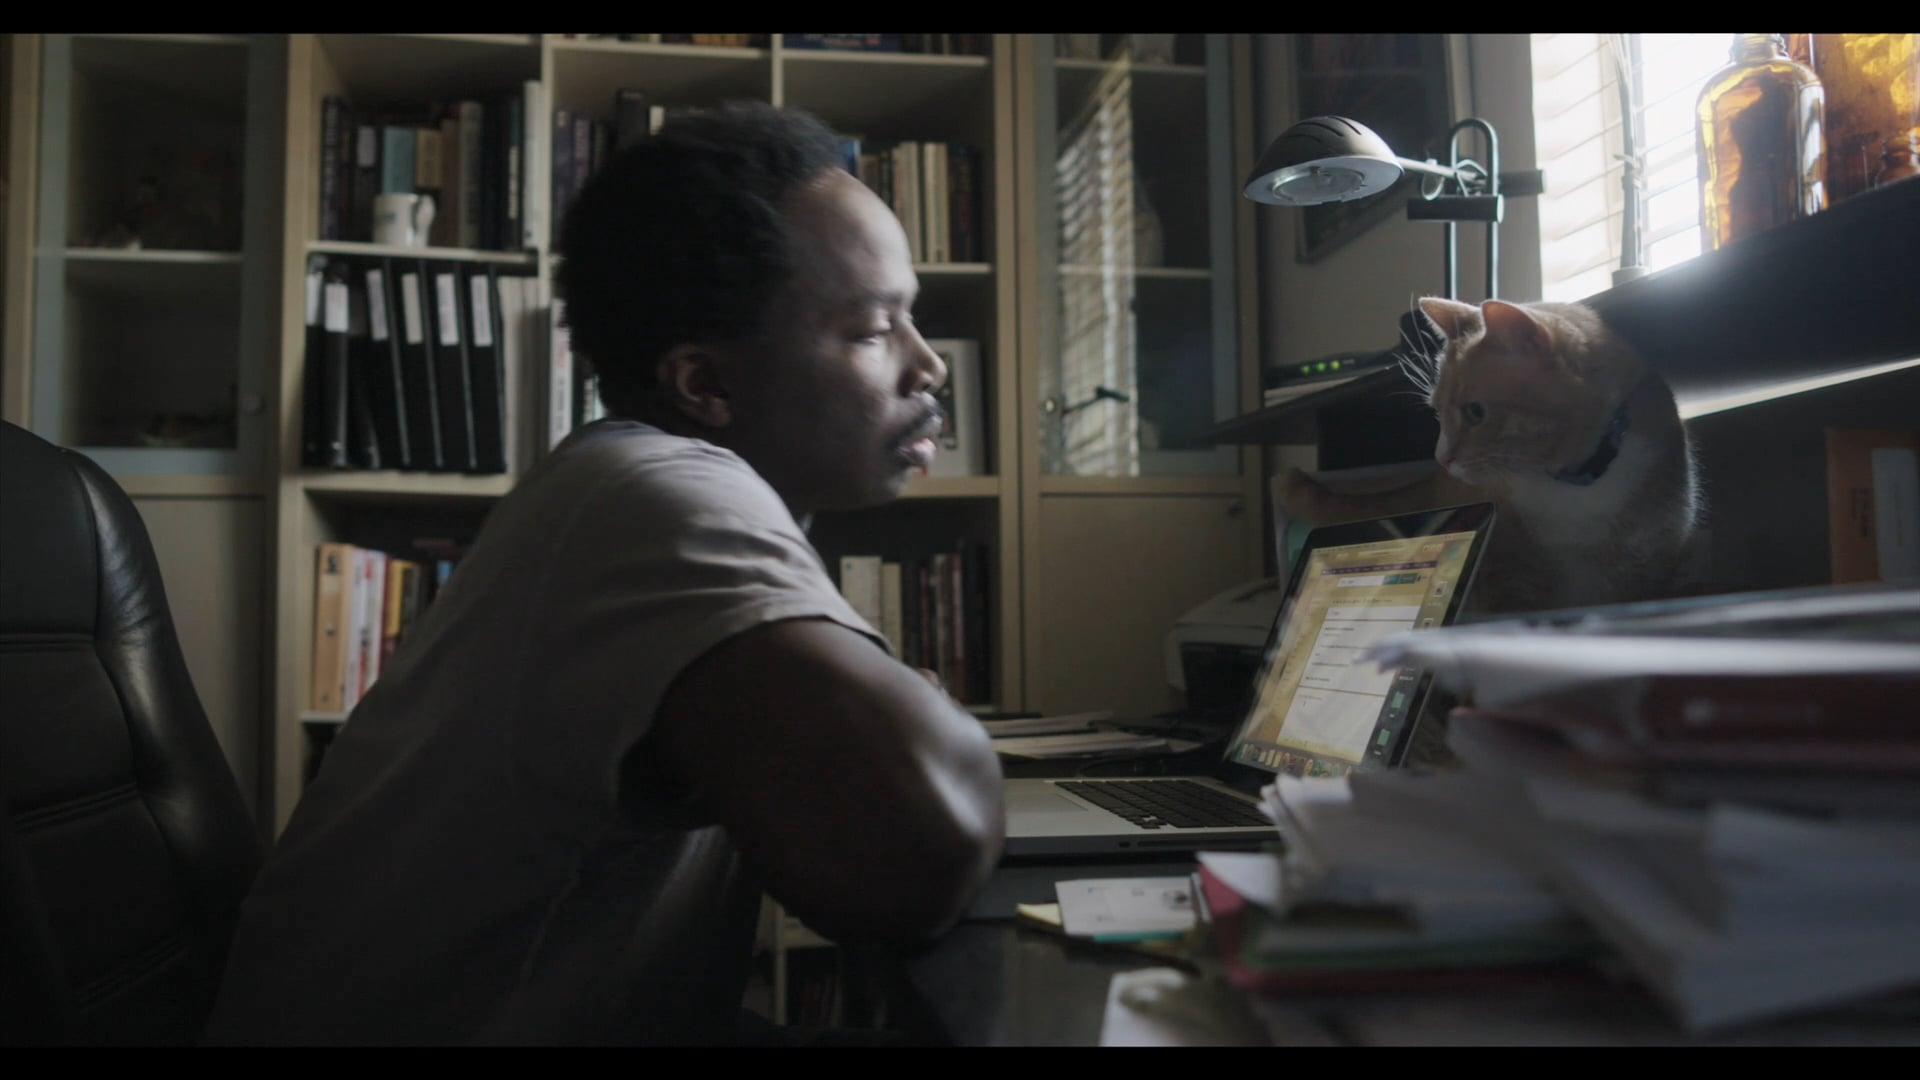 MEDITATION Short Film Trailer